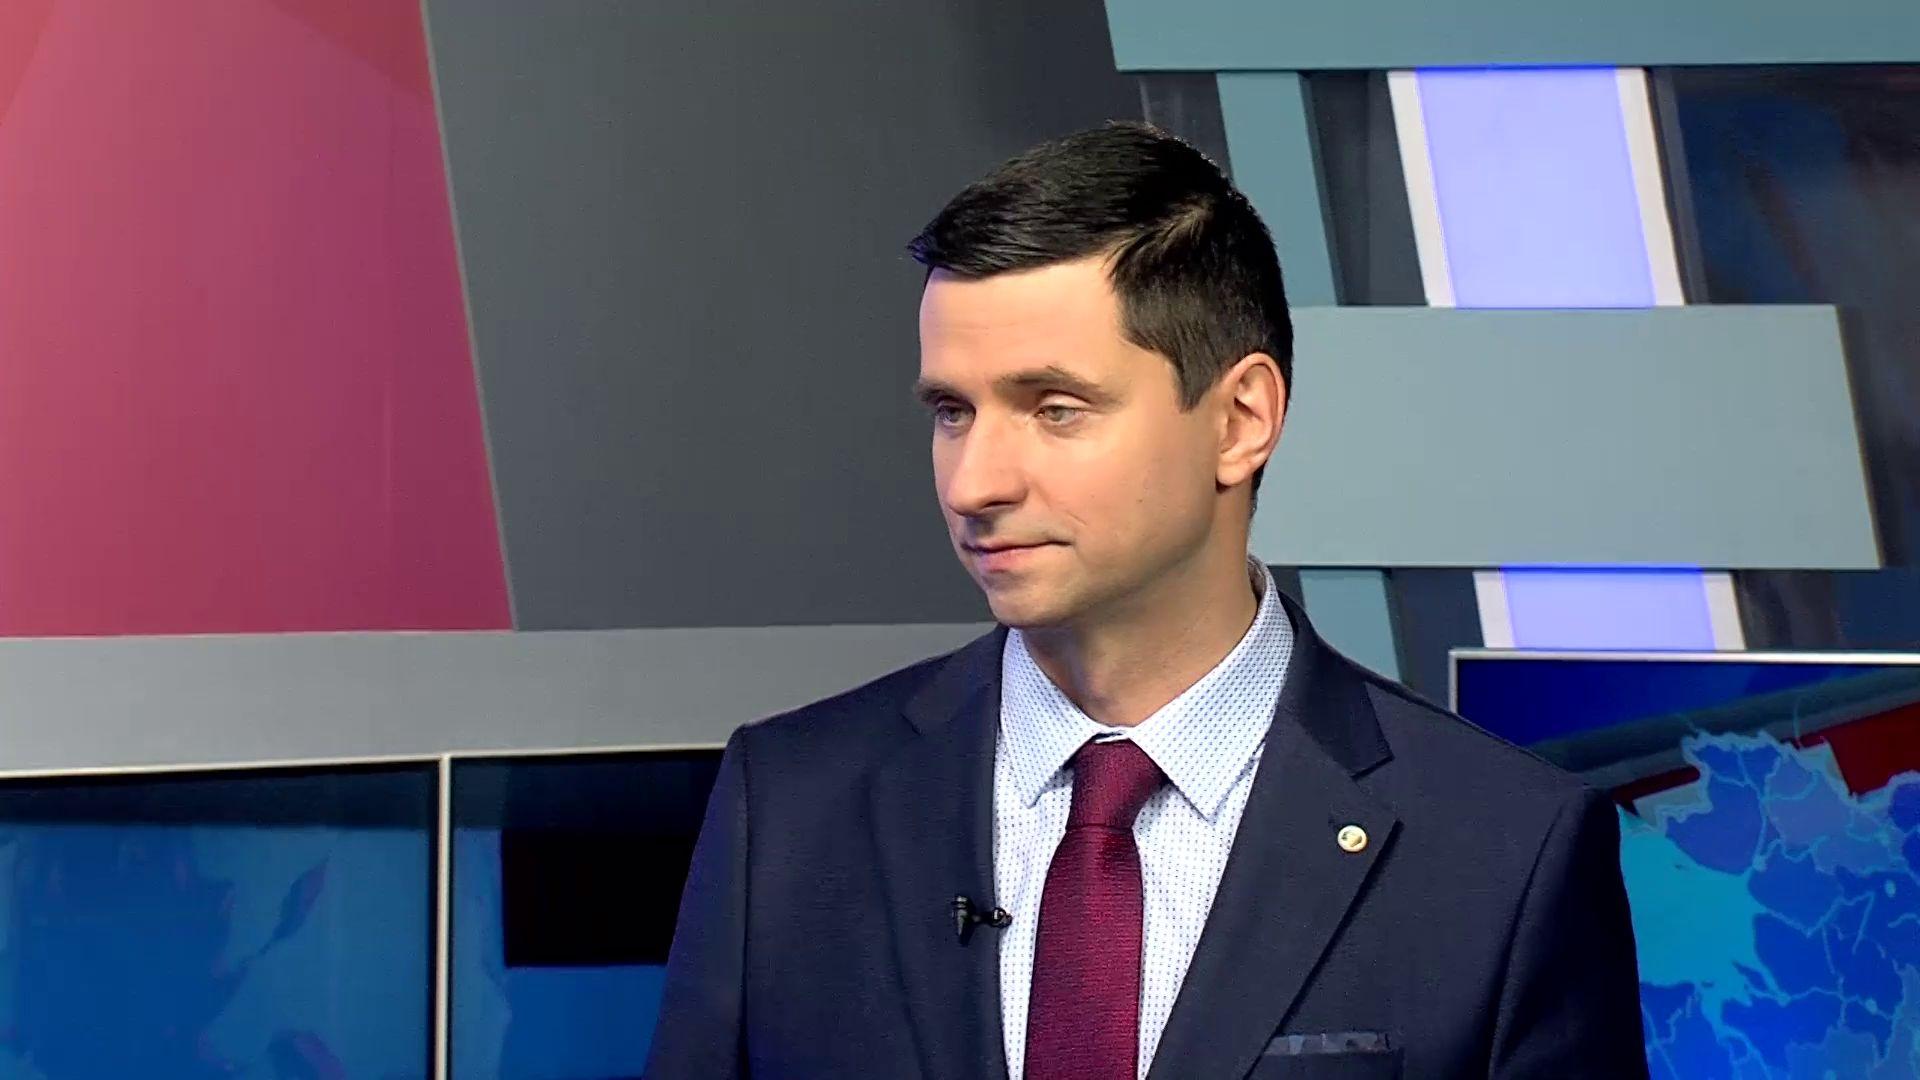 Дмитрий Глушков рассказал об итогах поддержки малого и среднего бизнеса в 2020 году